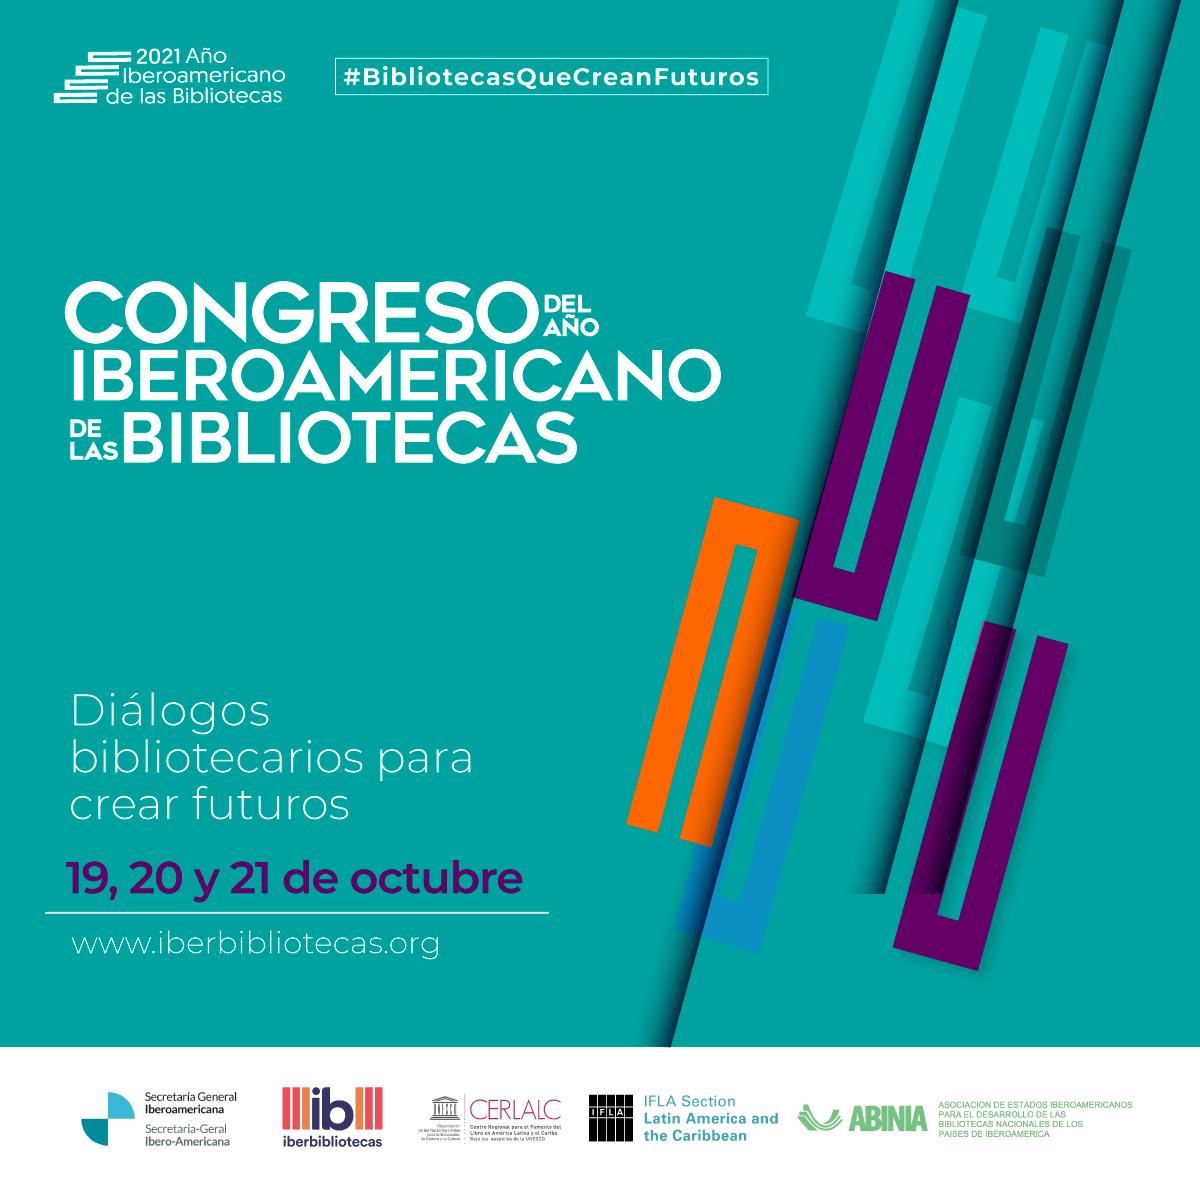 """Congreso del Año Iberoamericano de las Bibliotecas, """"Diálogos bibliotecarios para crear futuros"""""""